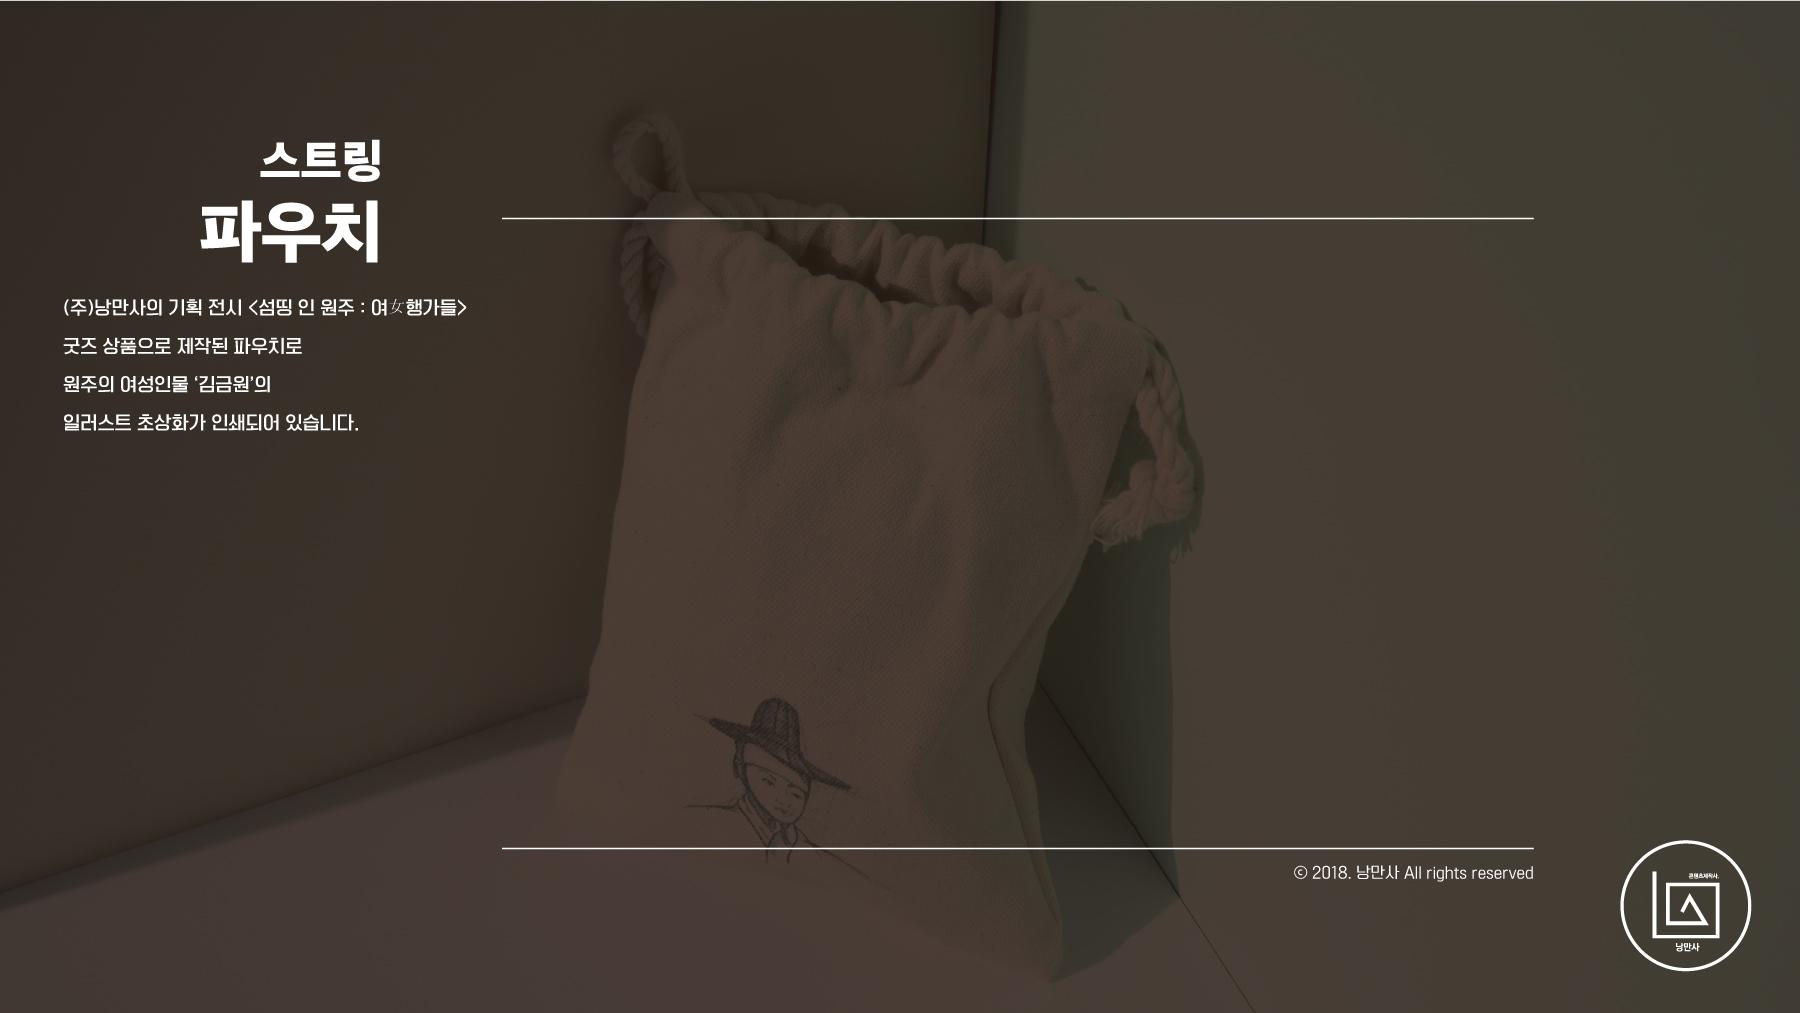 일러스트 스트링 파우치 - 낭만사, 4,500원, 다용도파우치, 끈/주머니형